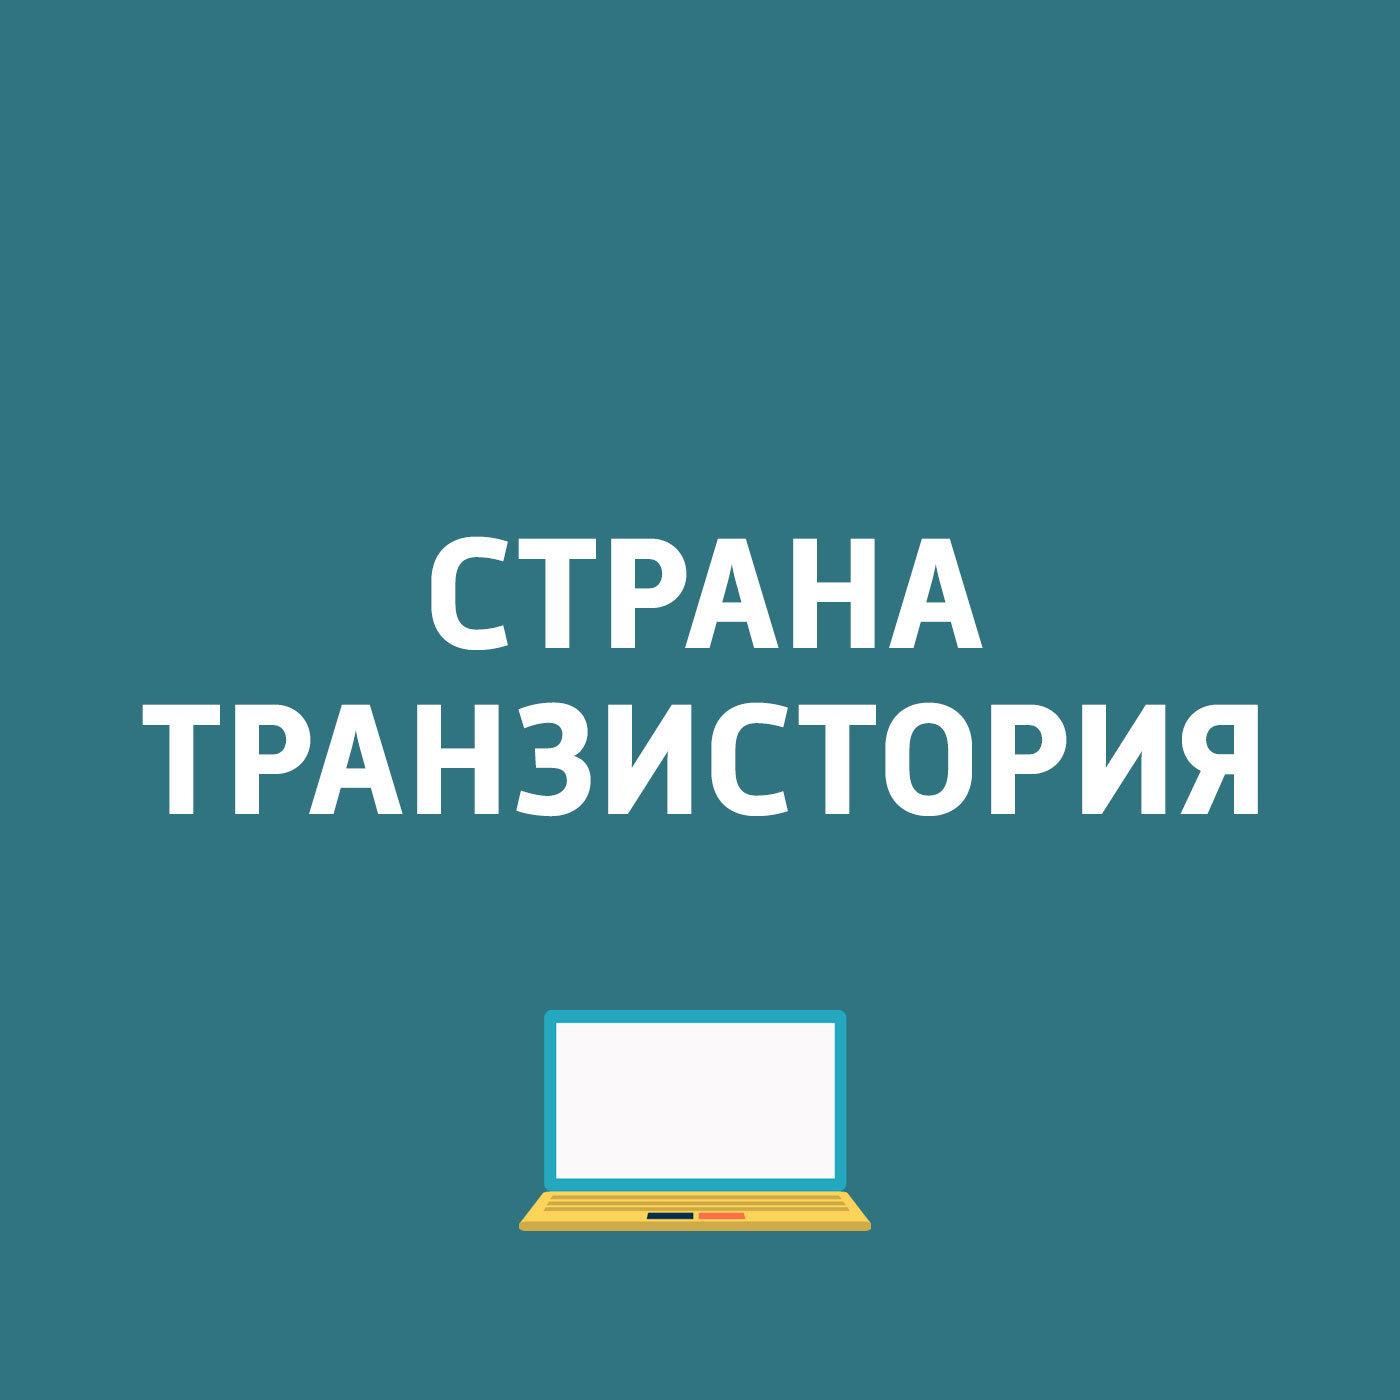 Картаев Павел Смартфон Meizu M6 Note вышел в России; Яндекс опубликовал итоги поисковых запросов за 2017 год картаев павел яндекс подвел музыкальные итоги года в twitter появились прямые трансляции без periscope